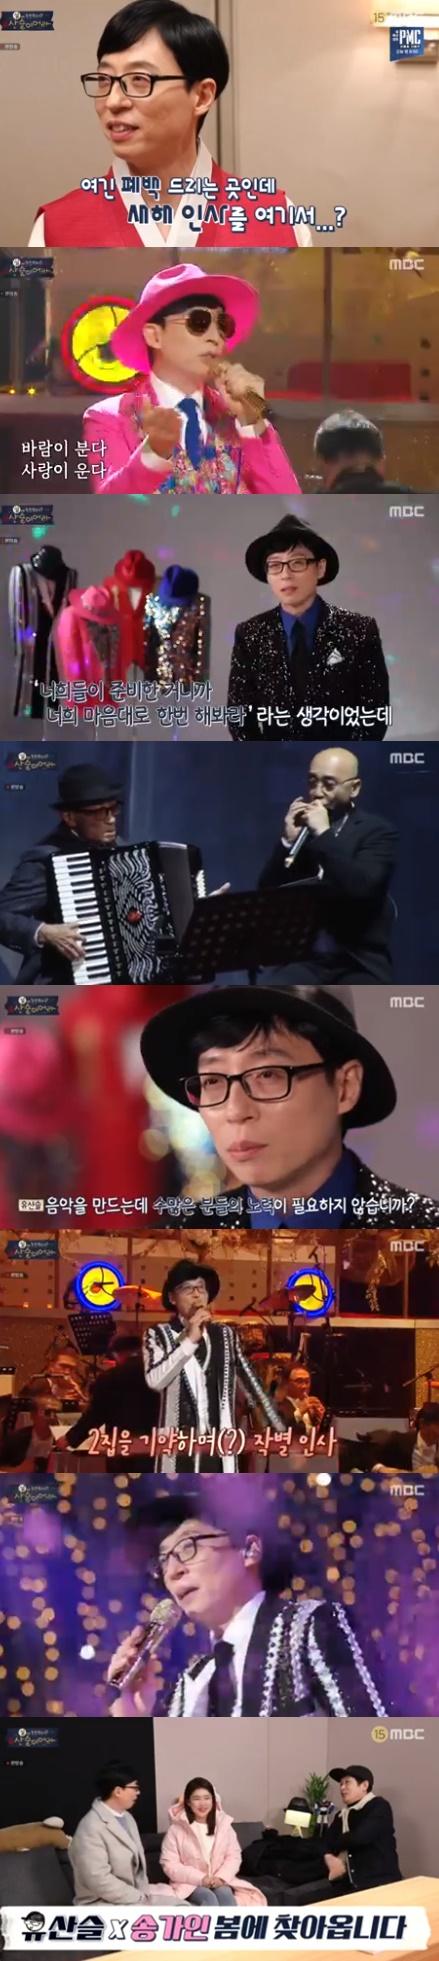 MBC '놀면 뭐하니?-산슬이어라'